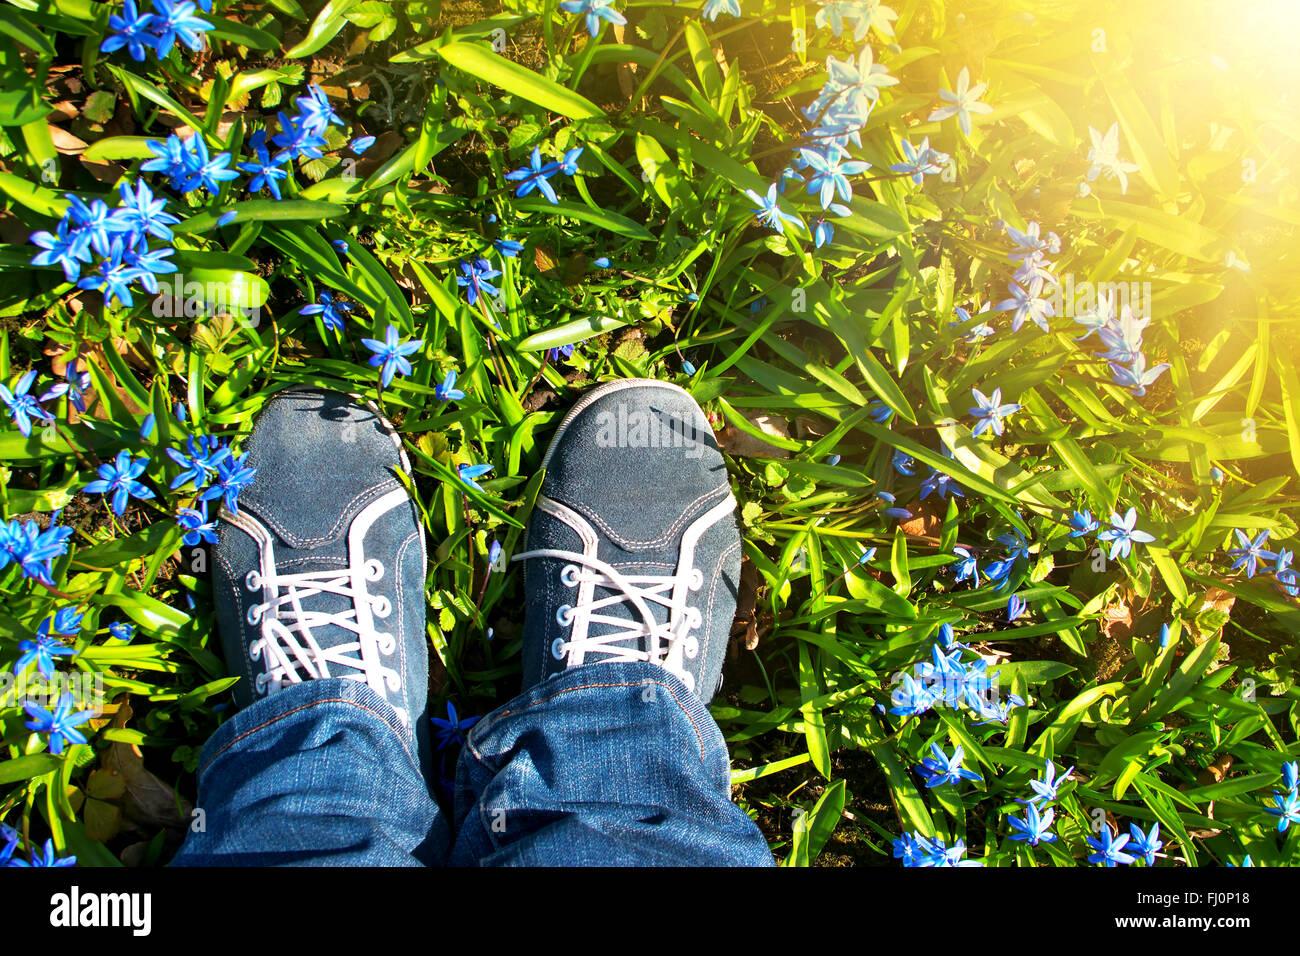 Pieds debout sur Scilla fleurs dans le parc Photo Stock